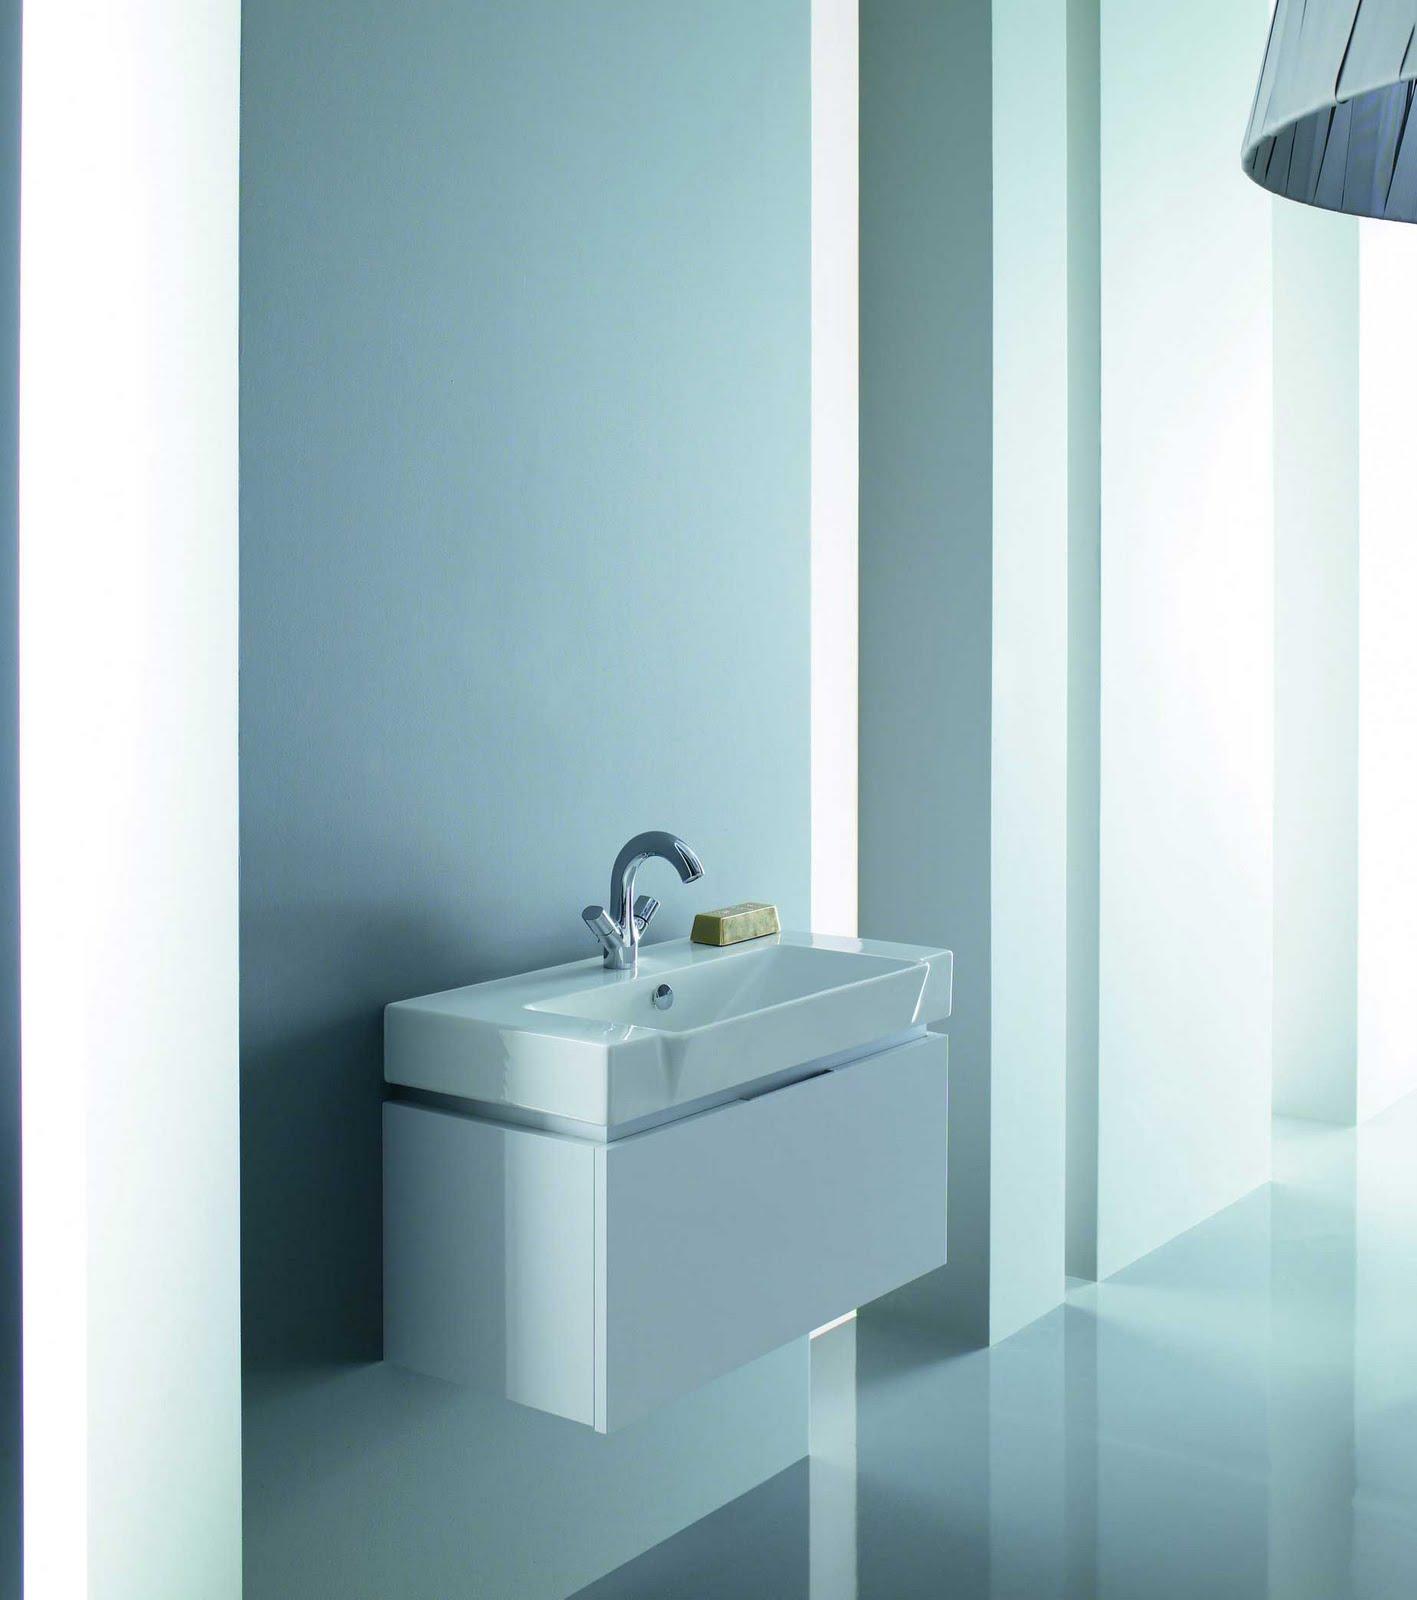 Lavabos Para Baño Kohler:de las últimas colecciones de cerámica y mueble de la firma kohler